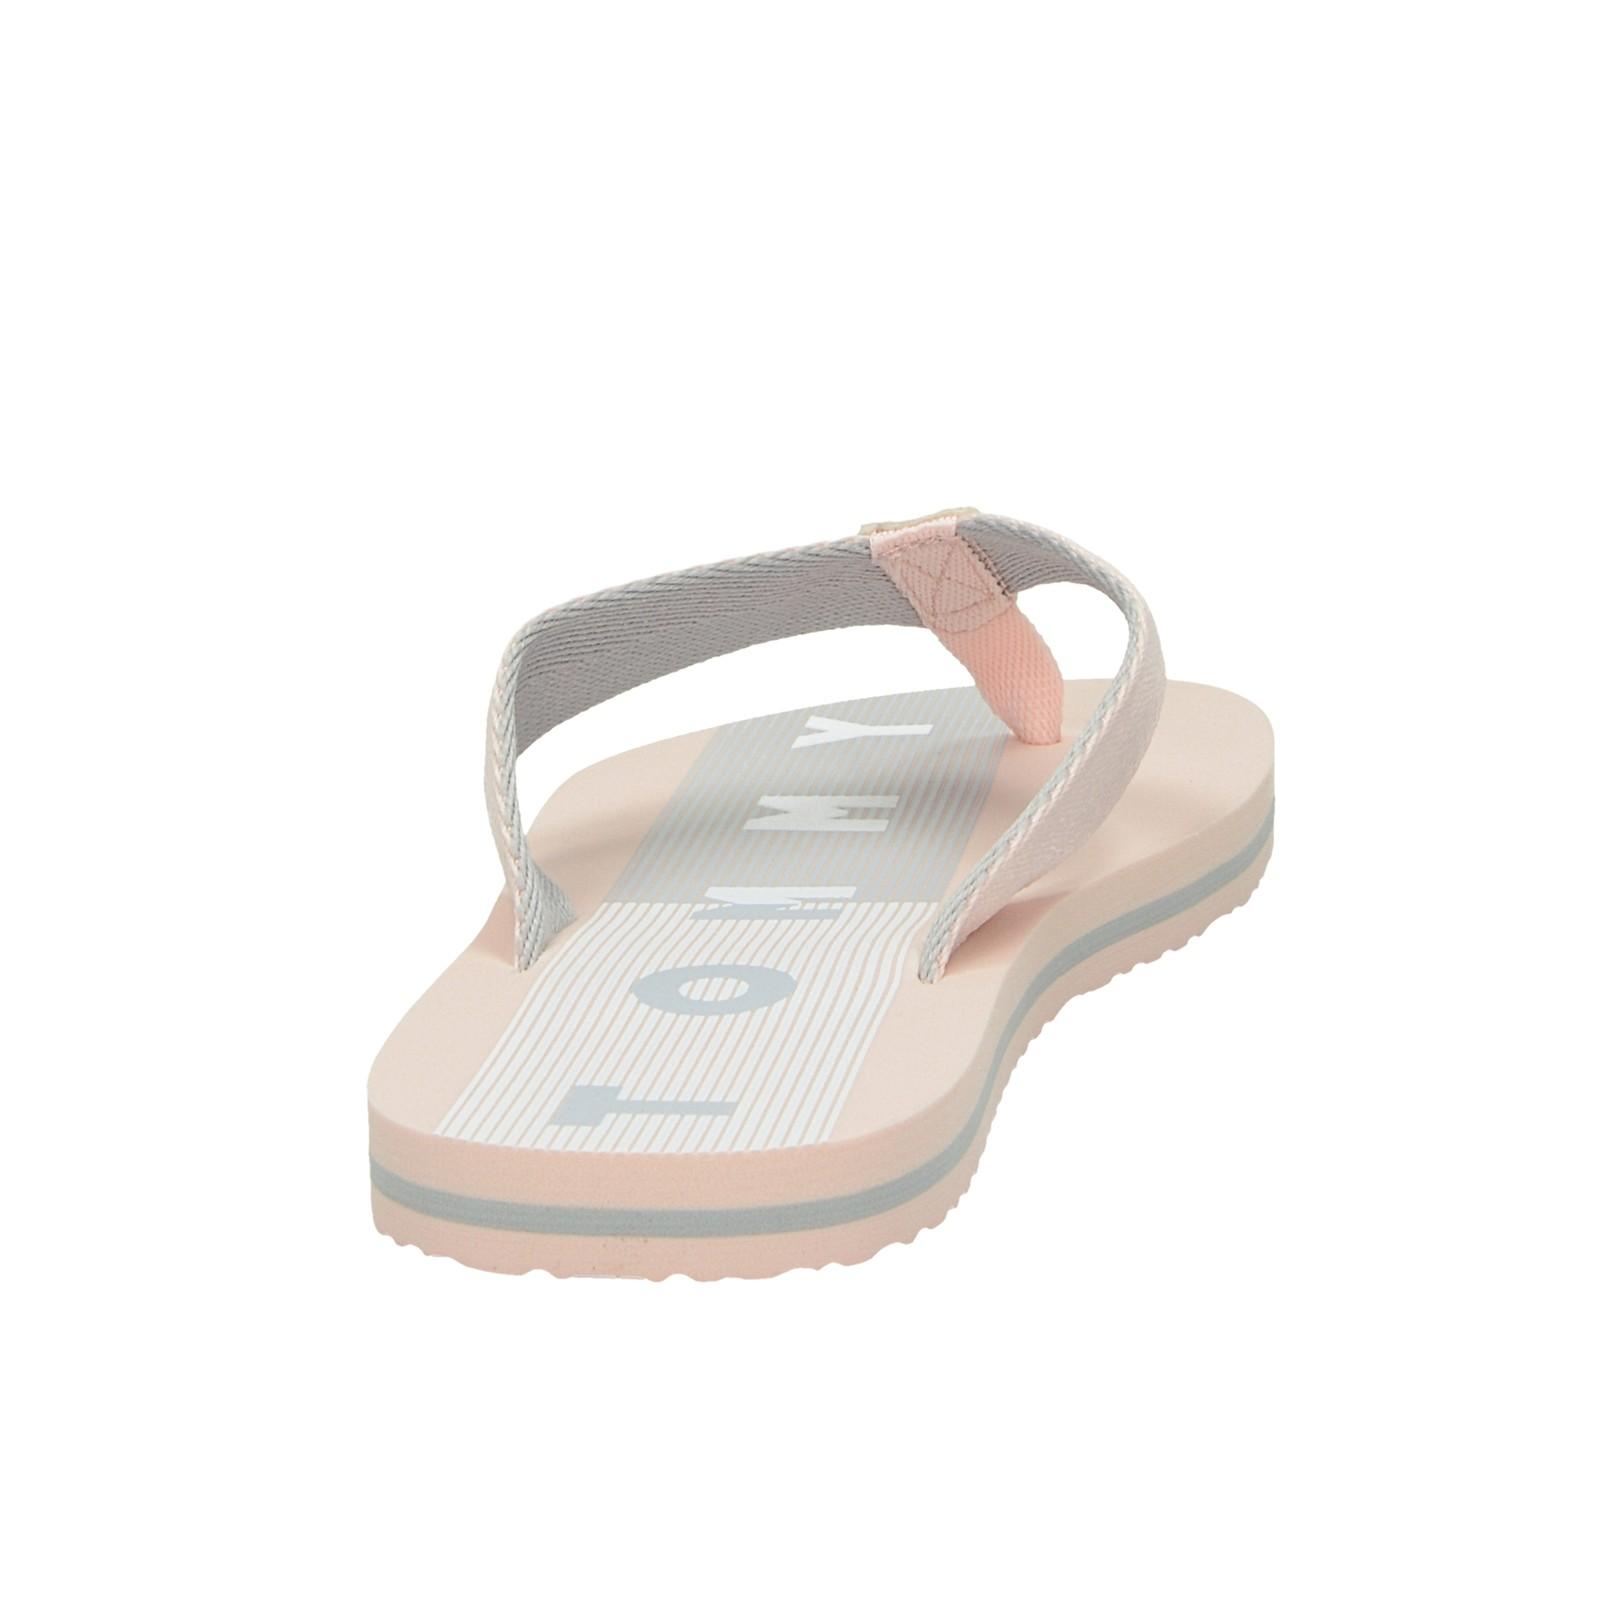 9e465768ef4c0 Tommy Hilfiger dámske štýlové plážovky - ružové | FW0FW03885658 ...